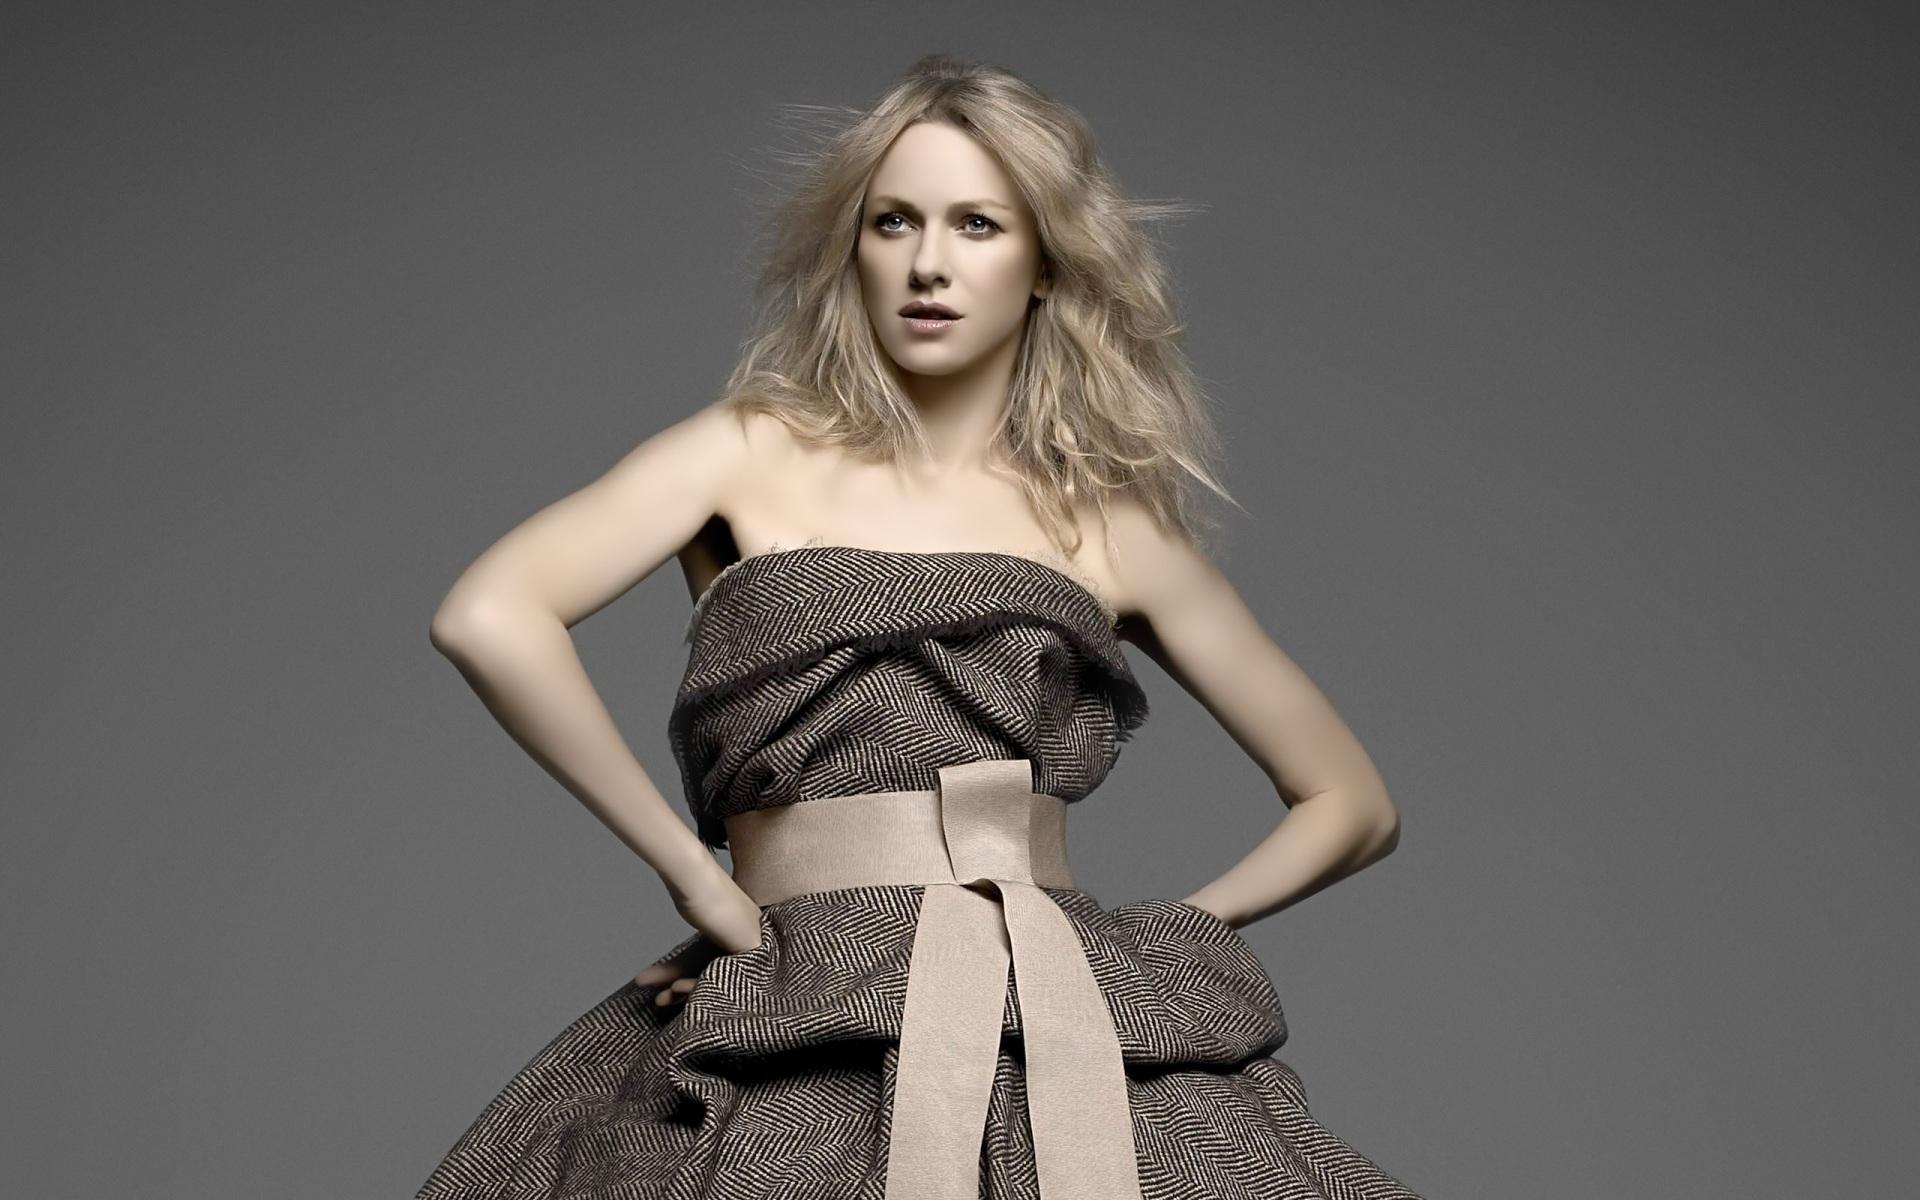 Hintergrundbilder : Modell-, blond, lange Haare, Fotografie ...